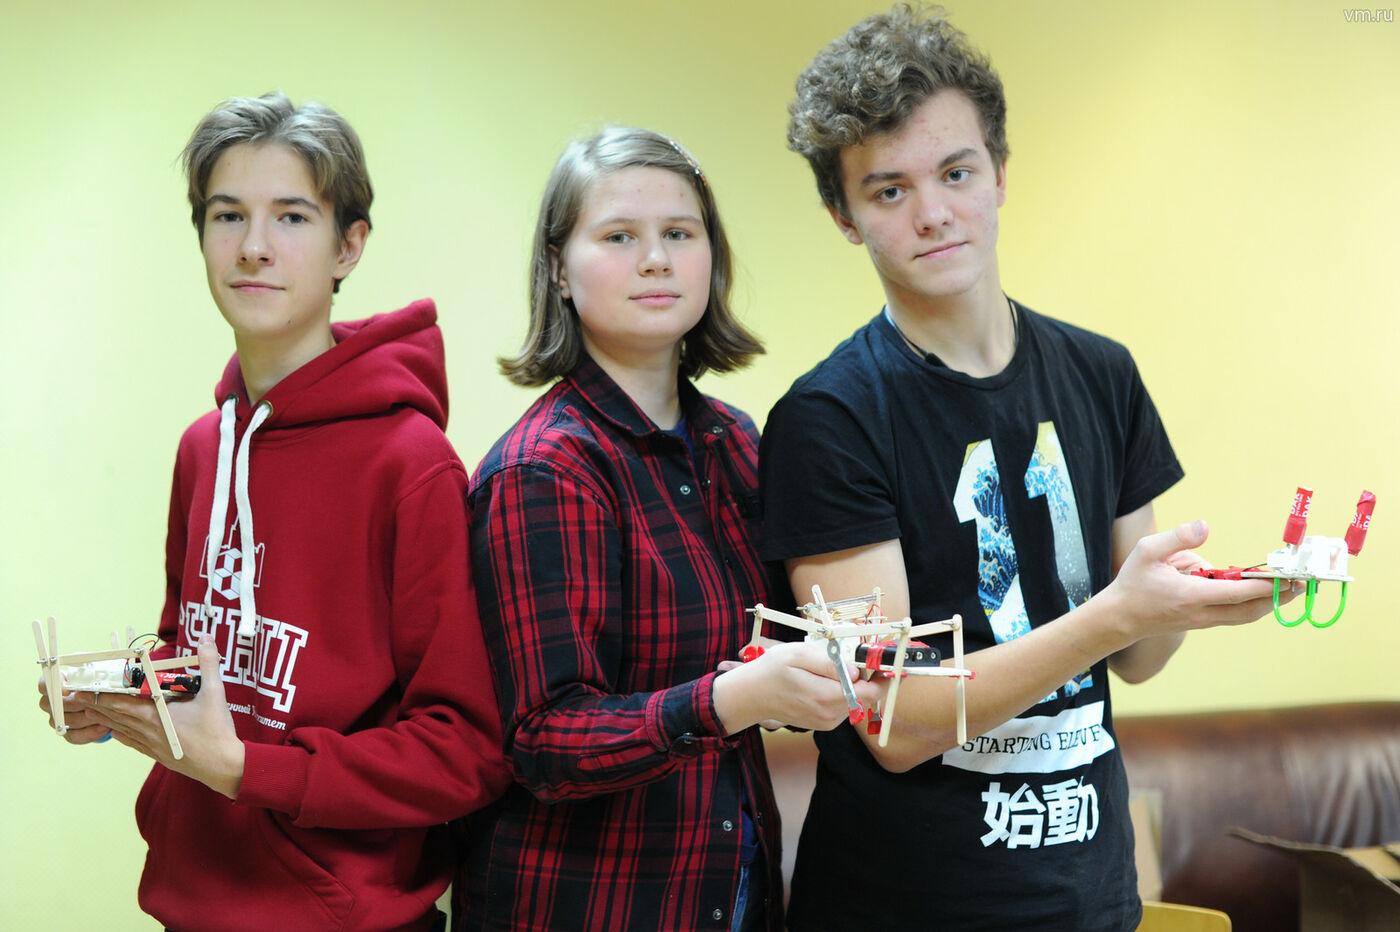 Учащиеся СУНЦ МГУ представят страну на конкурсе юных инженеров-конструкторов PowerTech 2018